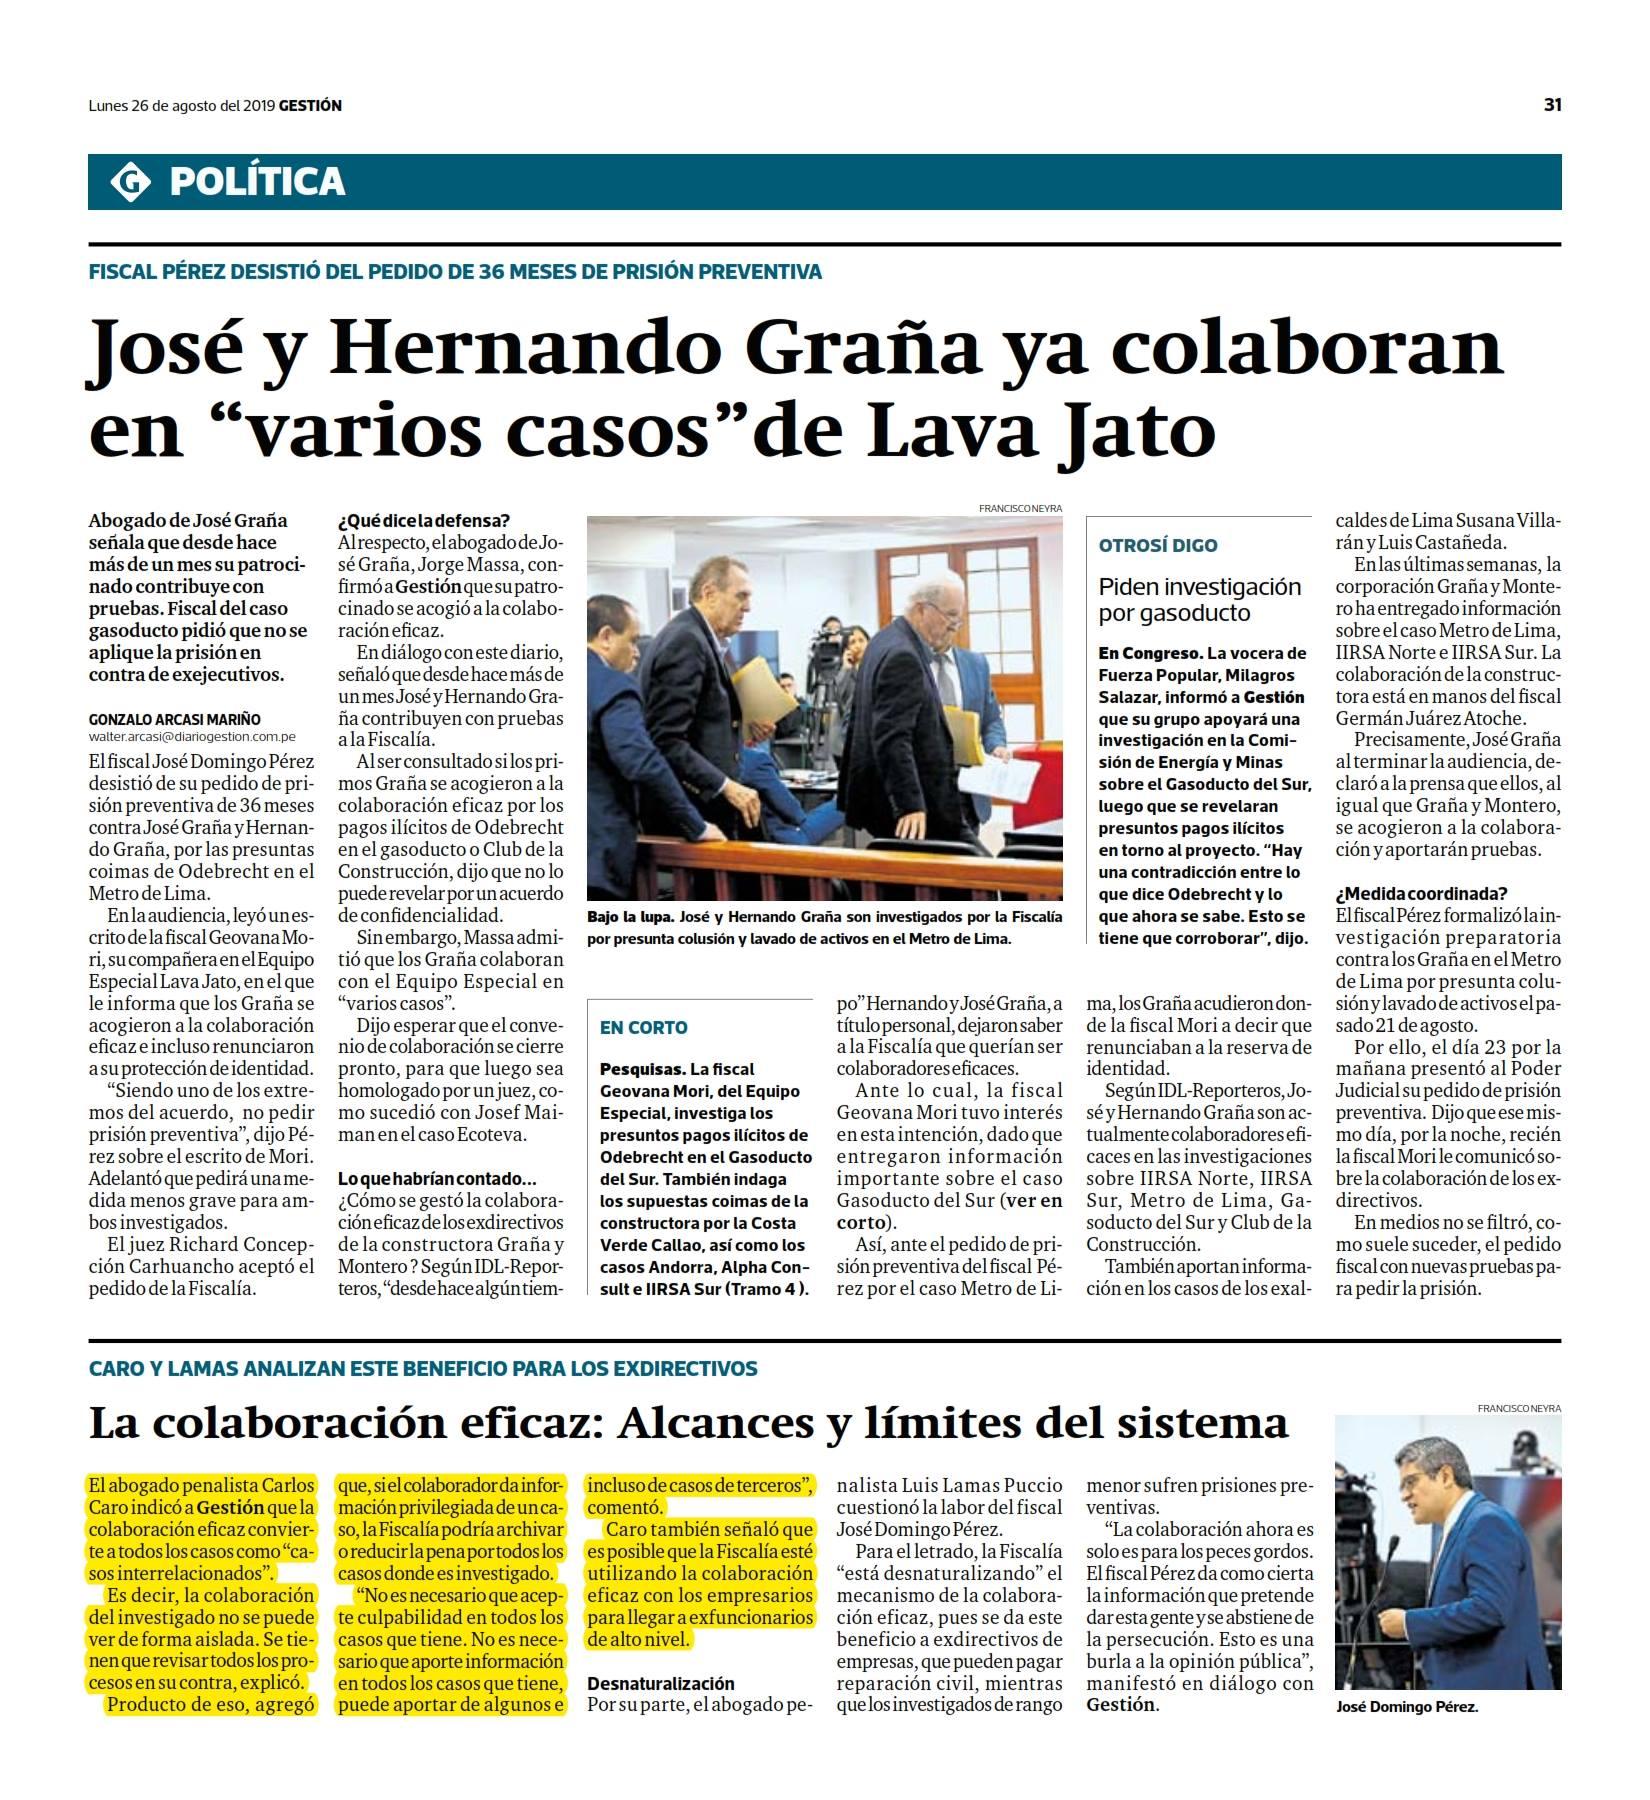 La Colaboración Eficaz, A Propósito De La Investigación Por La Línea 1 Del Metro De Lima, En Donde José Graña Miró Quesada Y Hernando Graña Acuña, Ya Colaboran Con La Fiscalía.